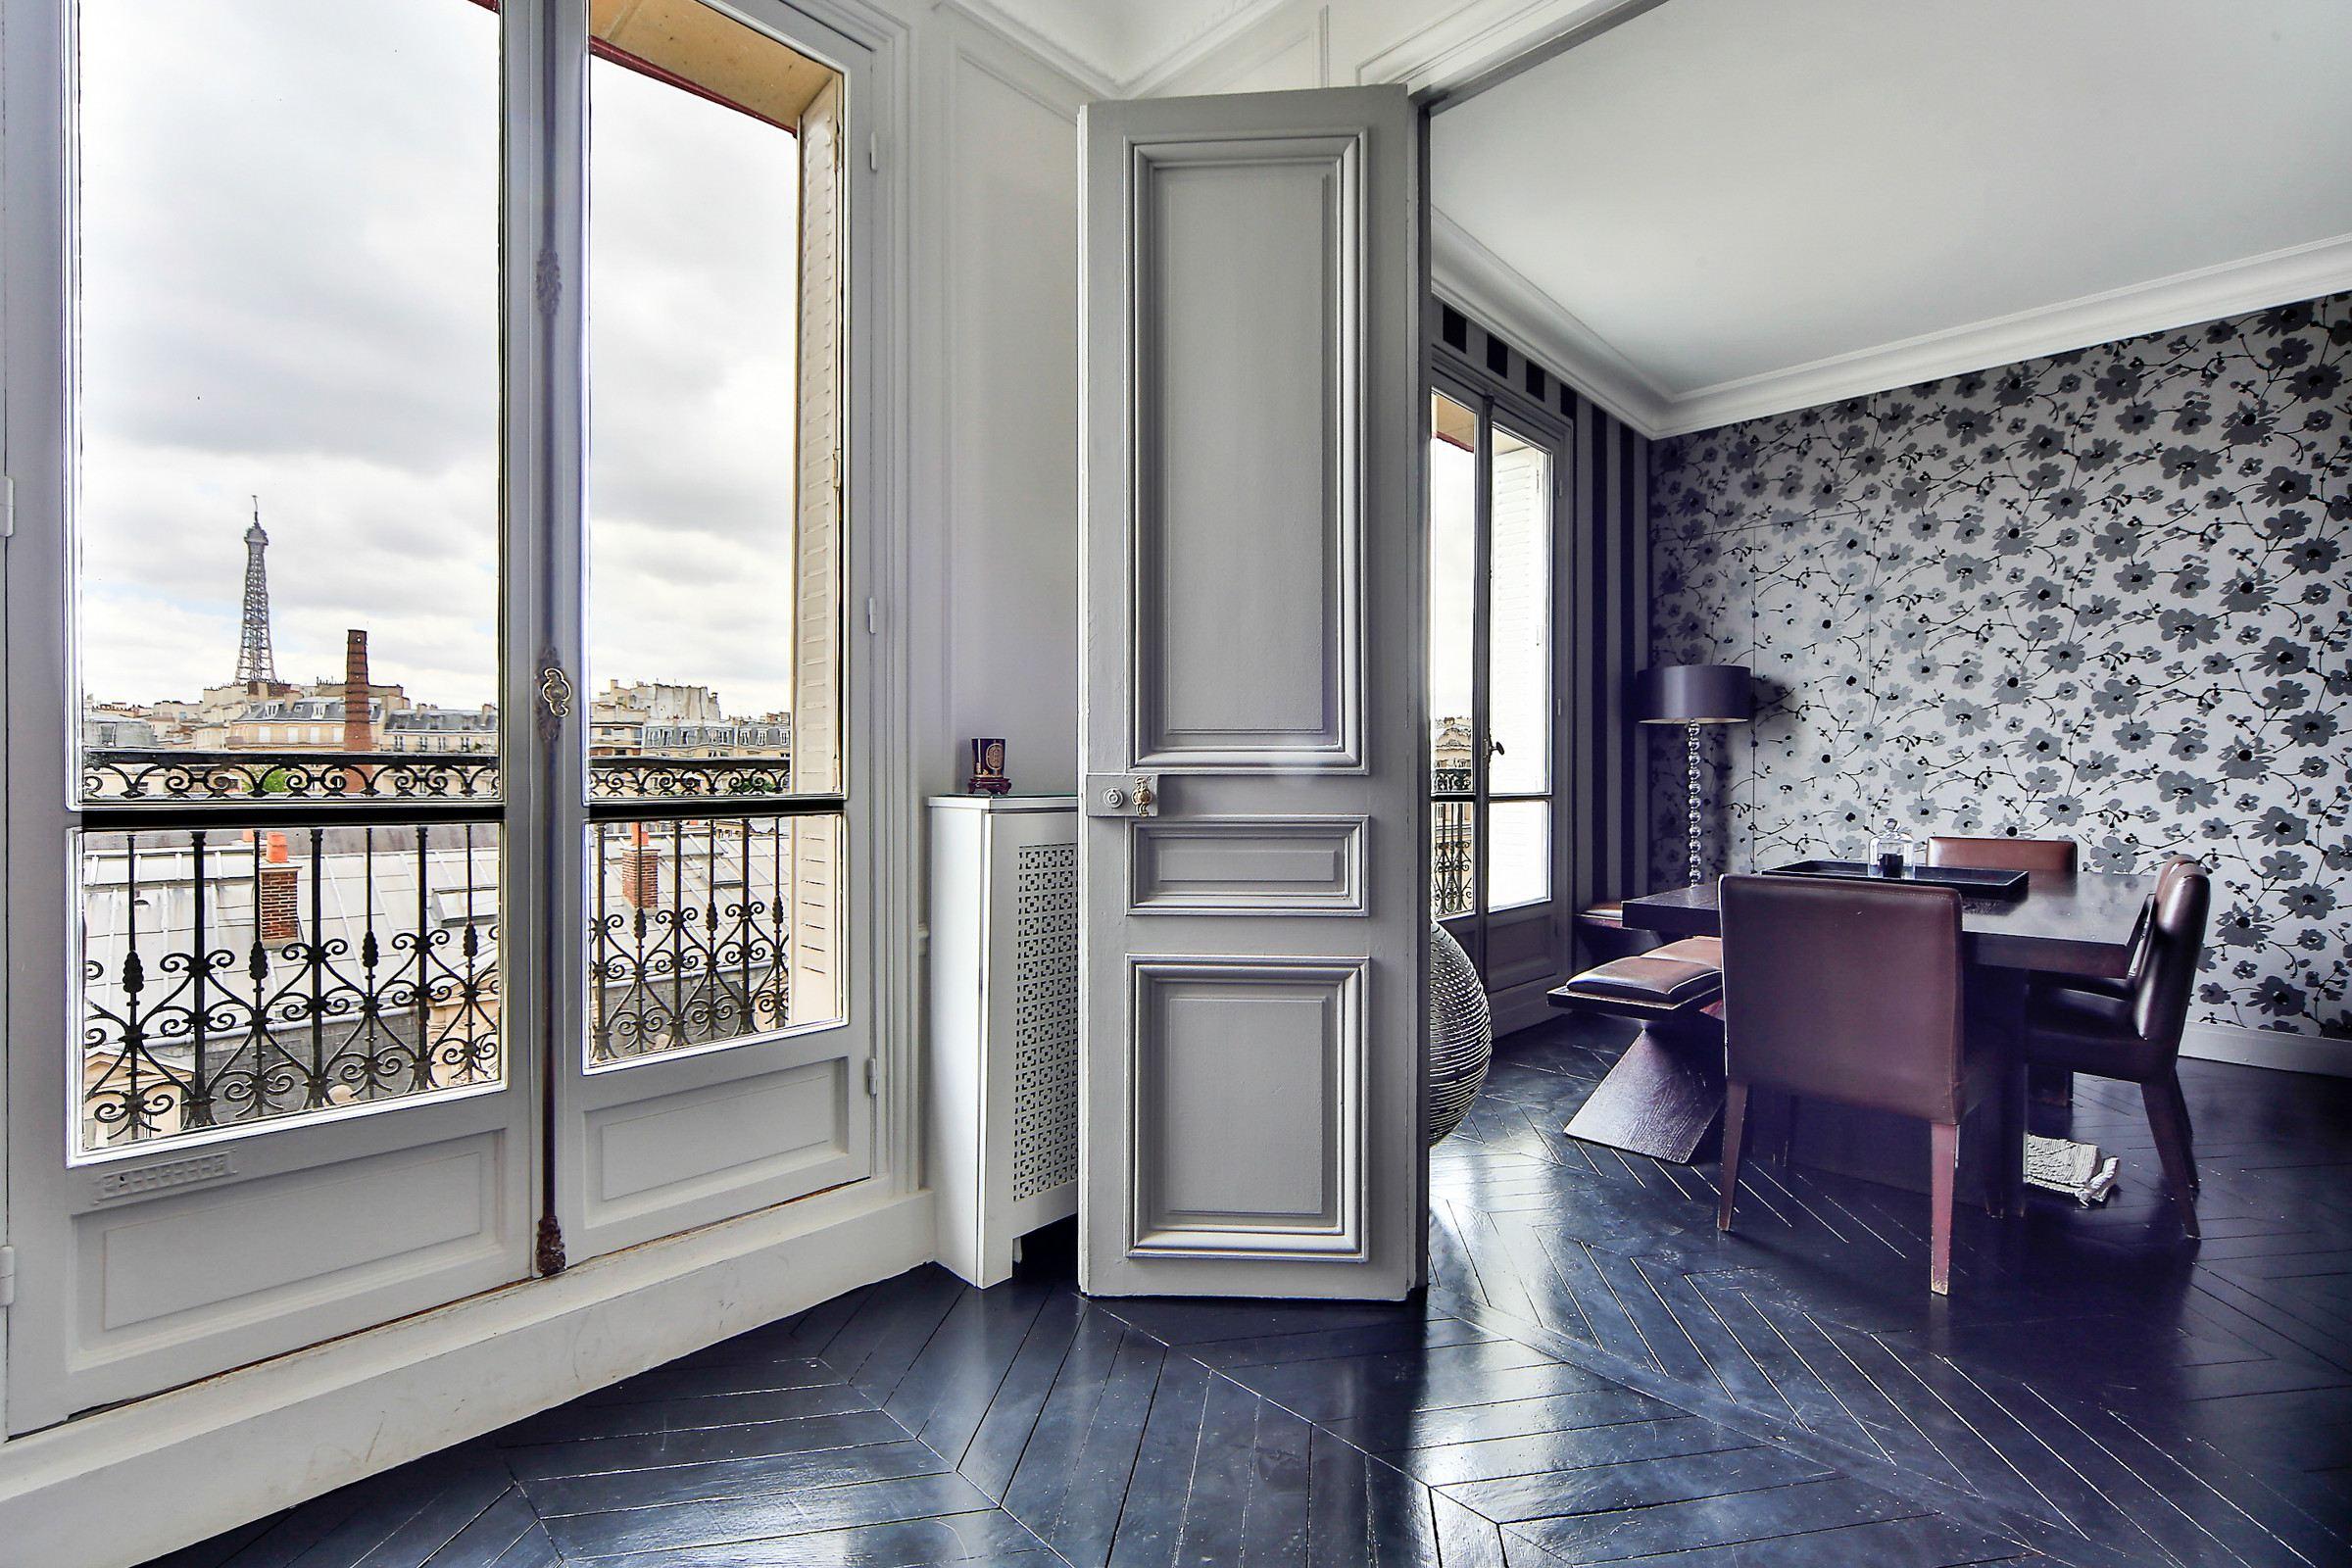 Property For Sale at Apartment - Belles Feuilles - Janson de Sailly